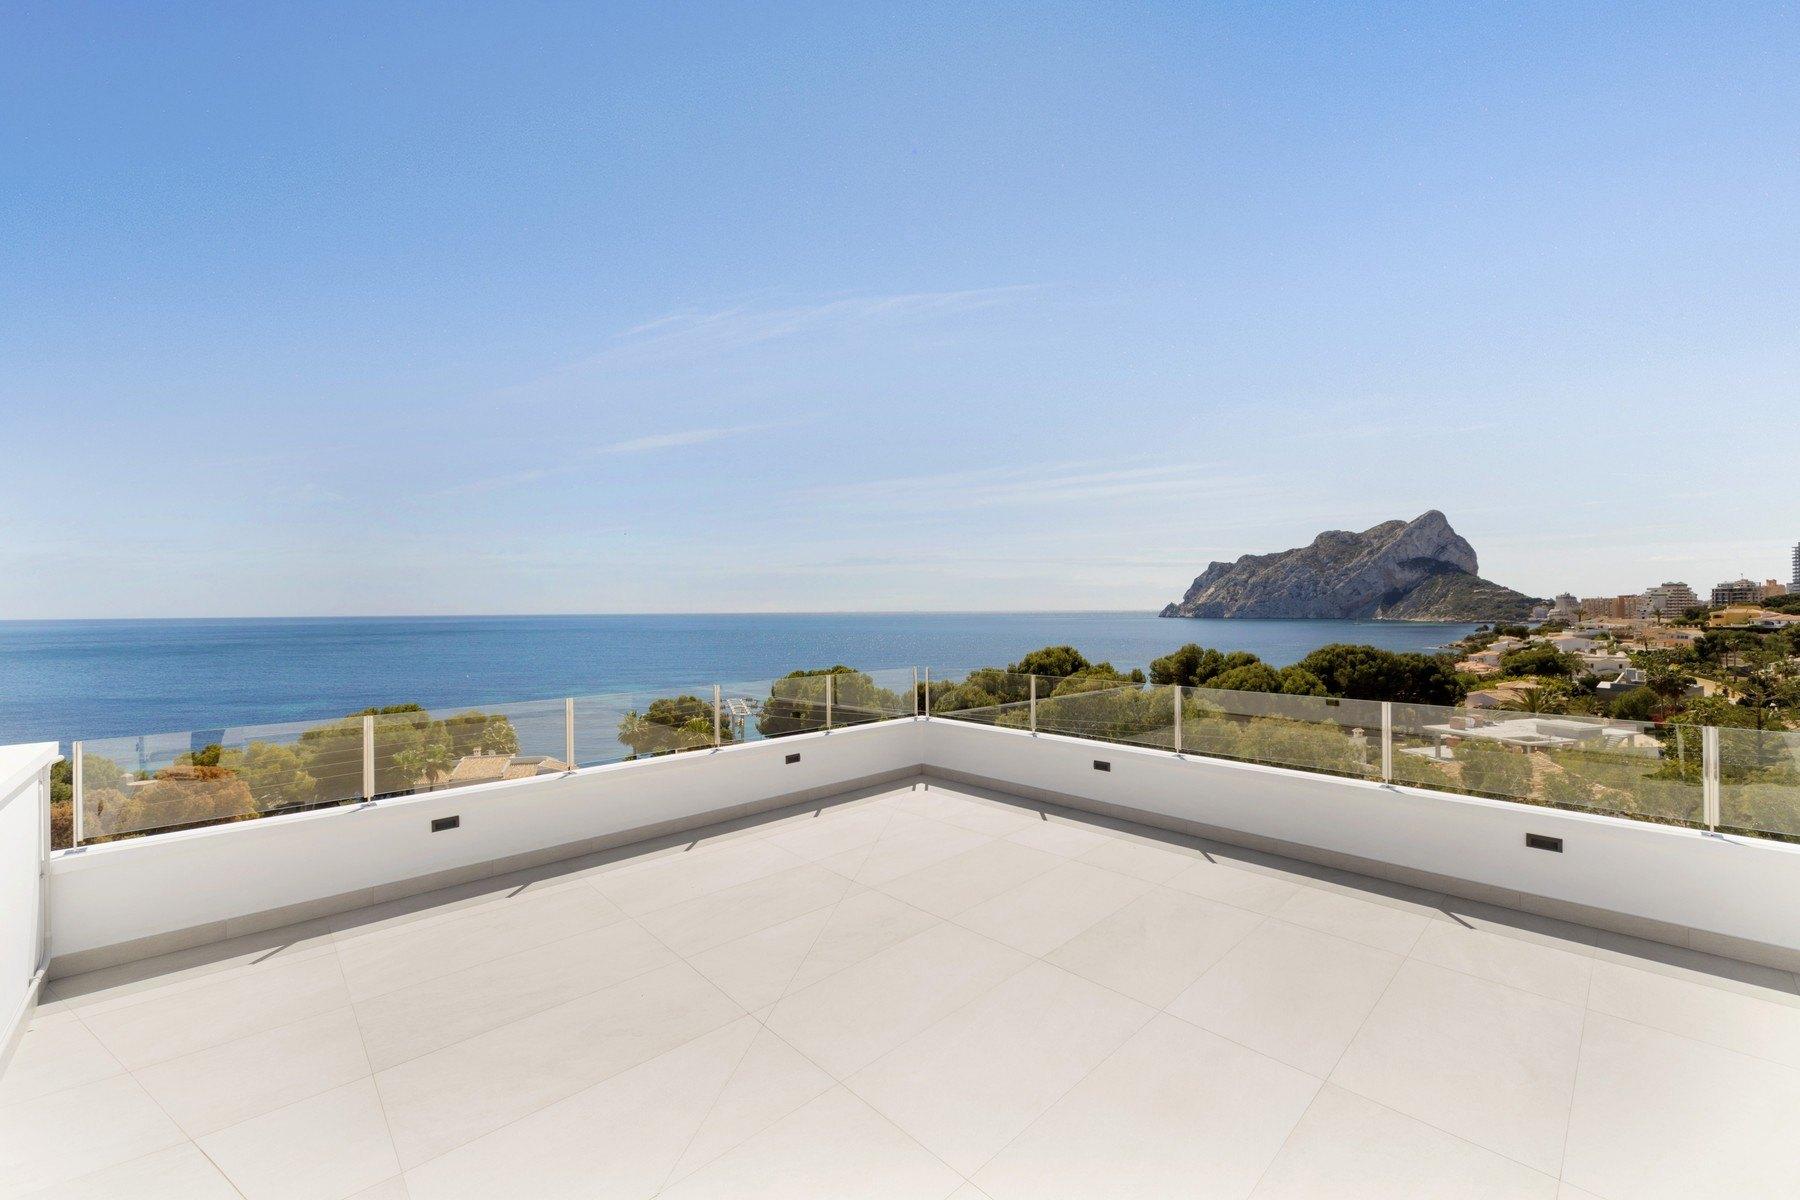 Magnífica villa de lujo frente al mar en Calpe - Costa Blanca